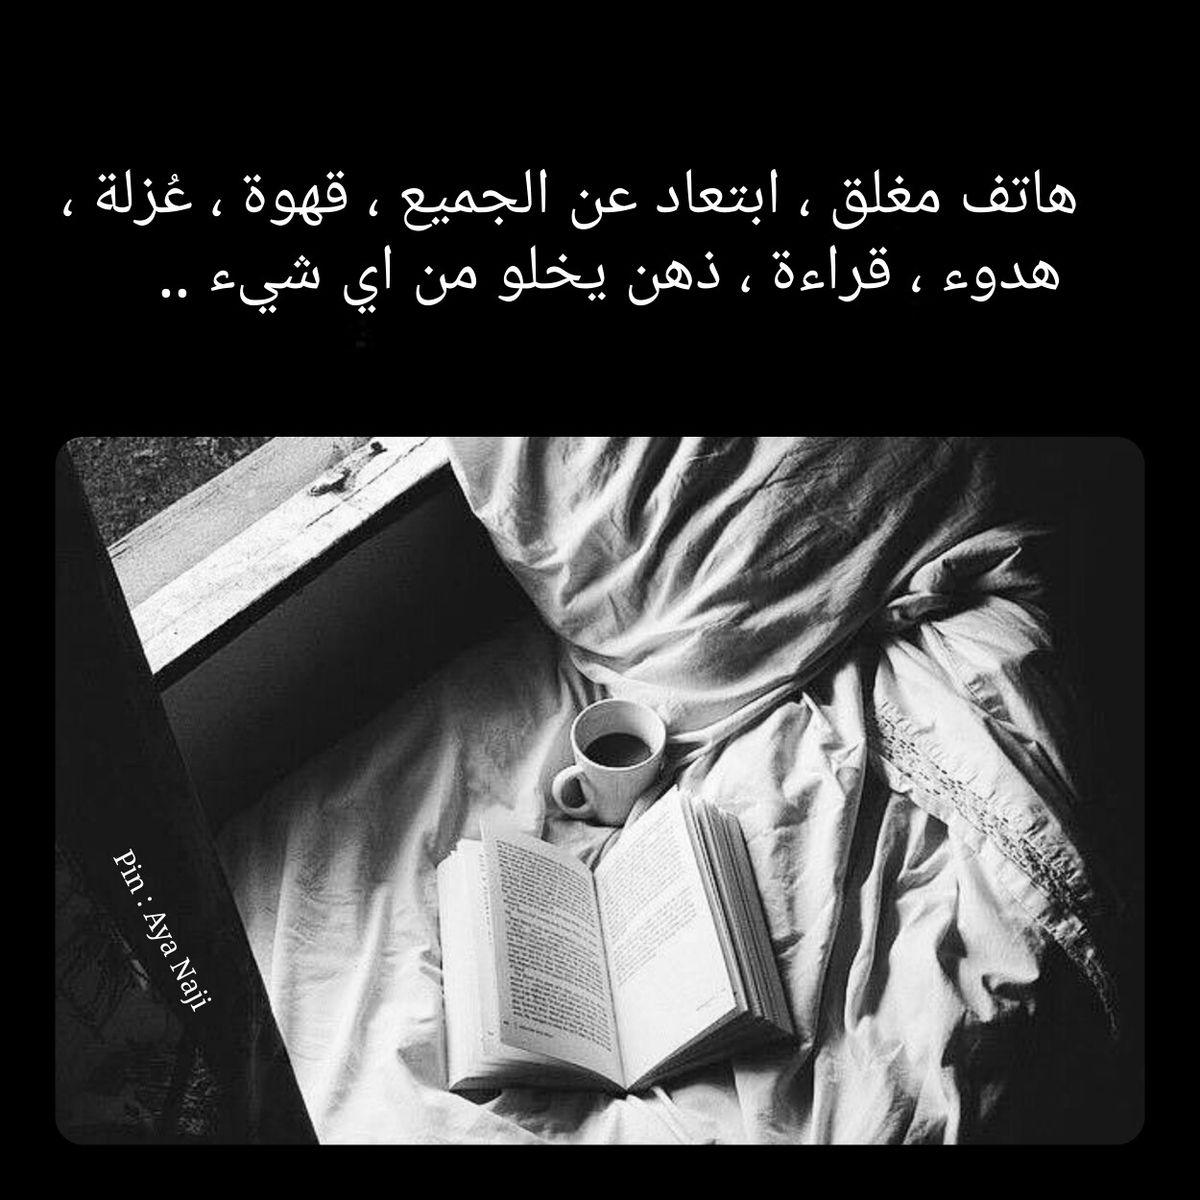 من أنت أنا تلك النوتة التي تعيش في كل موسيقى حزينة حسين Love Life Quotes Life Quotes Fictional Characters